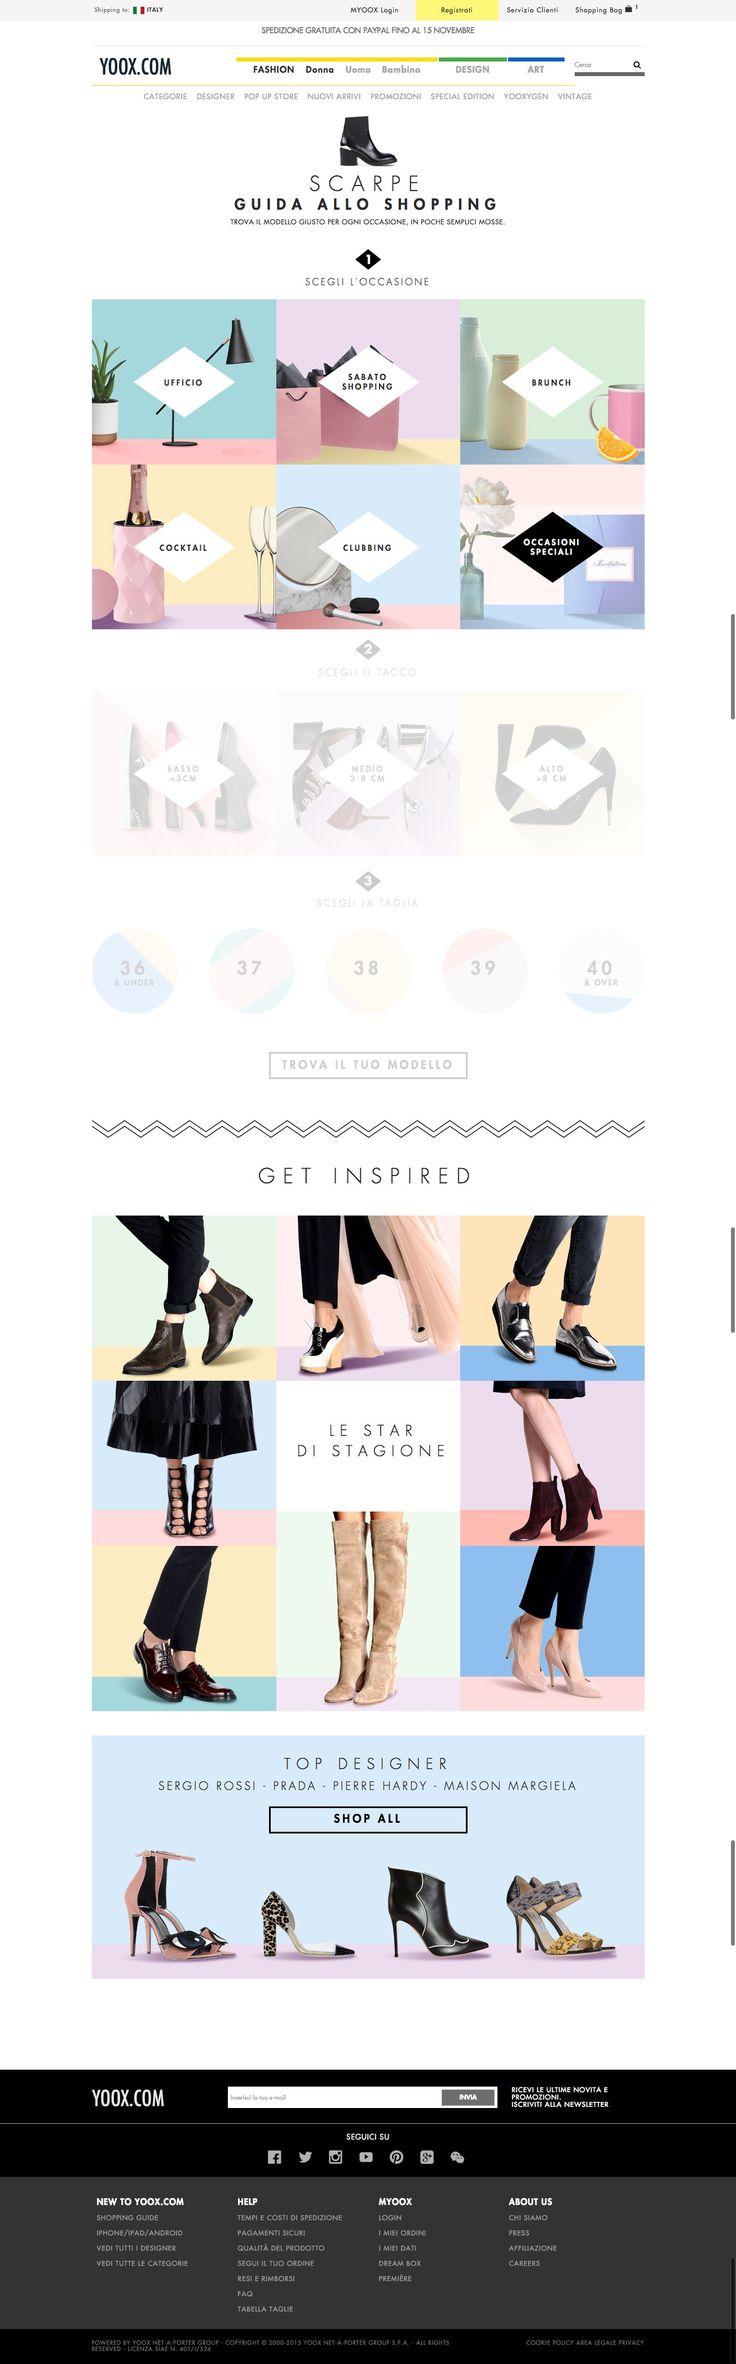 #shoppingGuide Yoox - Shoes Shopping Guide  - Landingpage